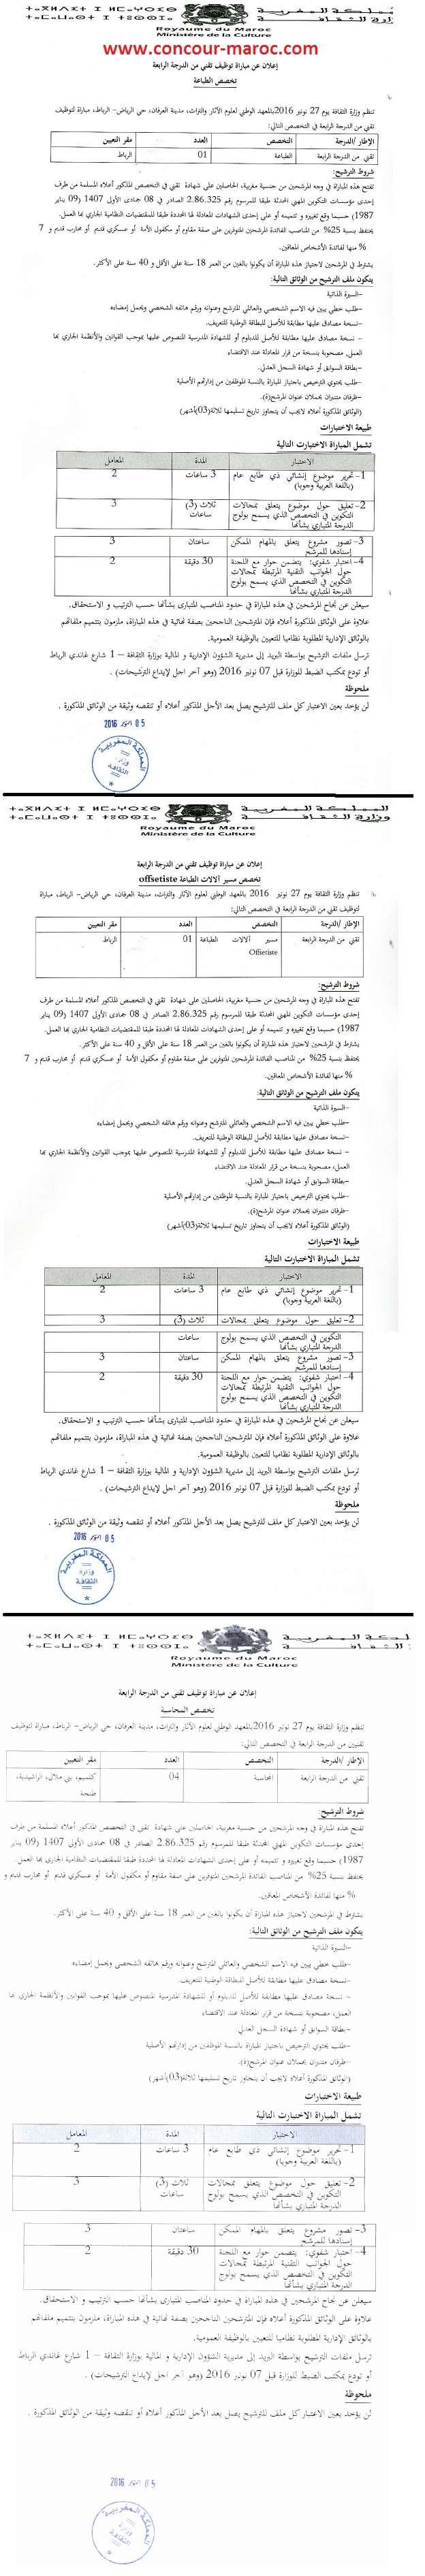 وزارة الثقافة :  مباراة لتوظيف 50 منصب في عدة تخصصات آخر أجل لإيداع الترشيحات 7 نونبر 2016  Concou37